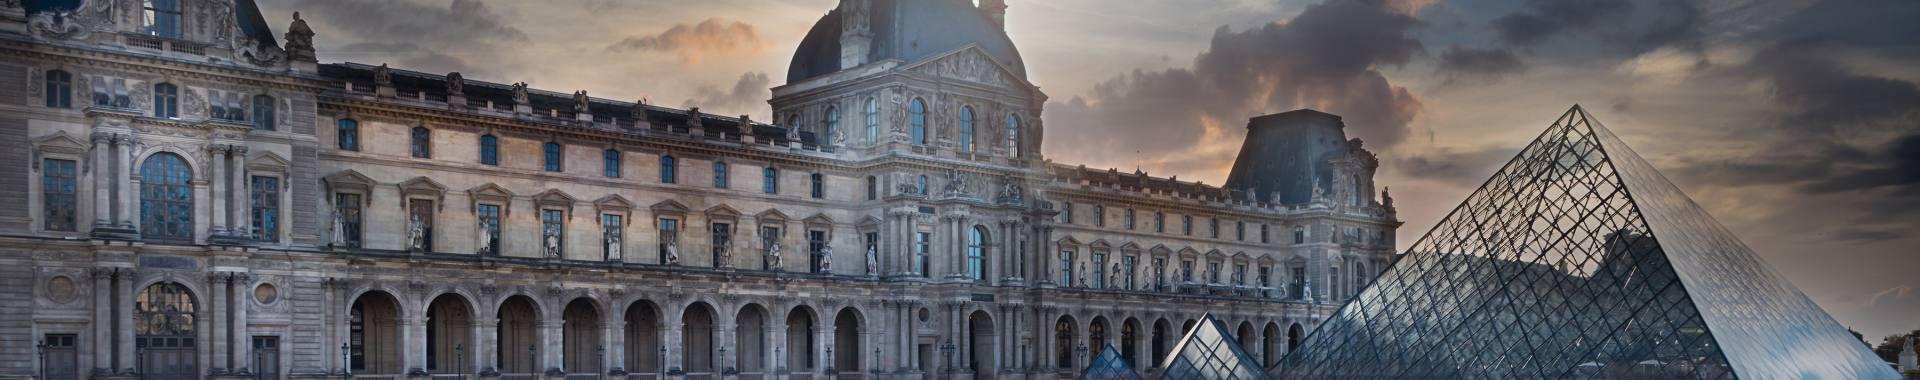 巴黎卢浮宫门票